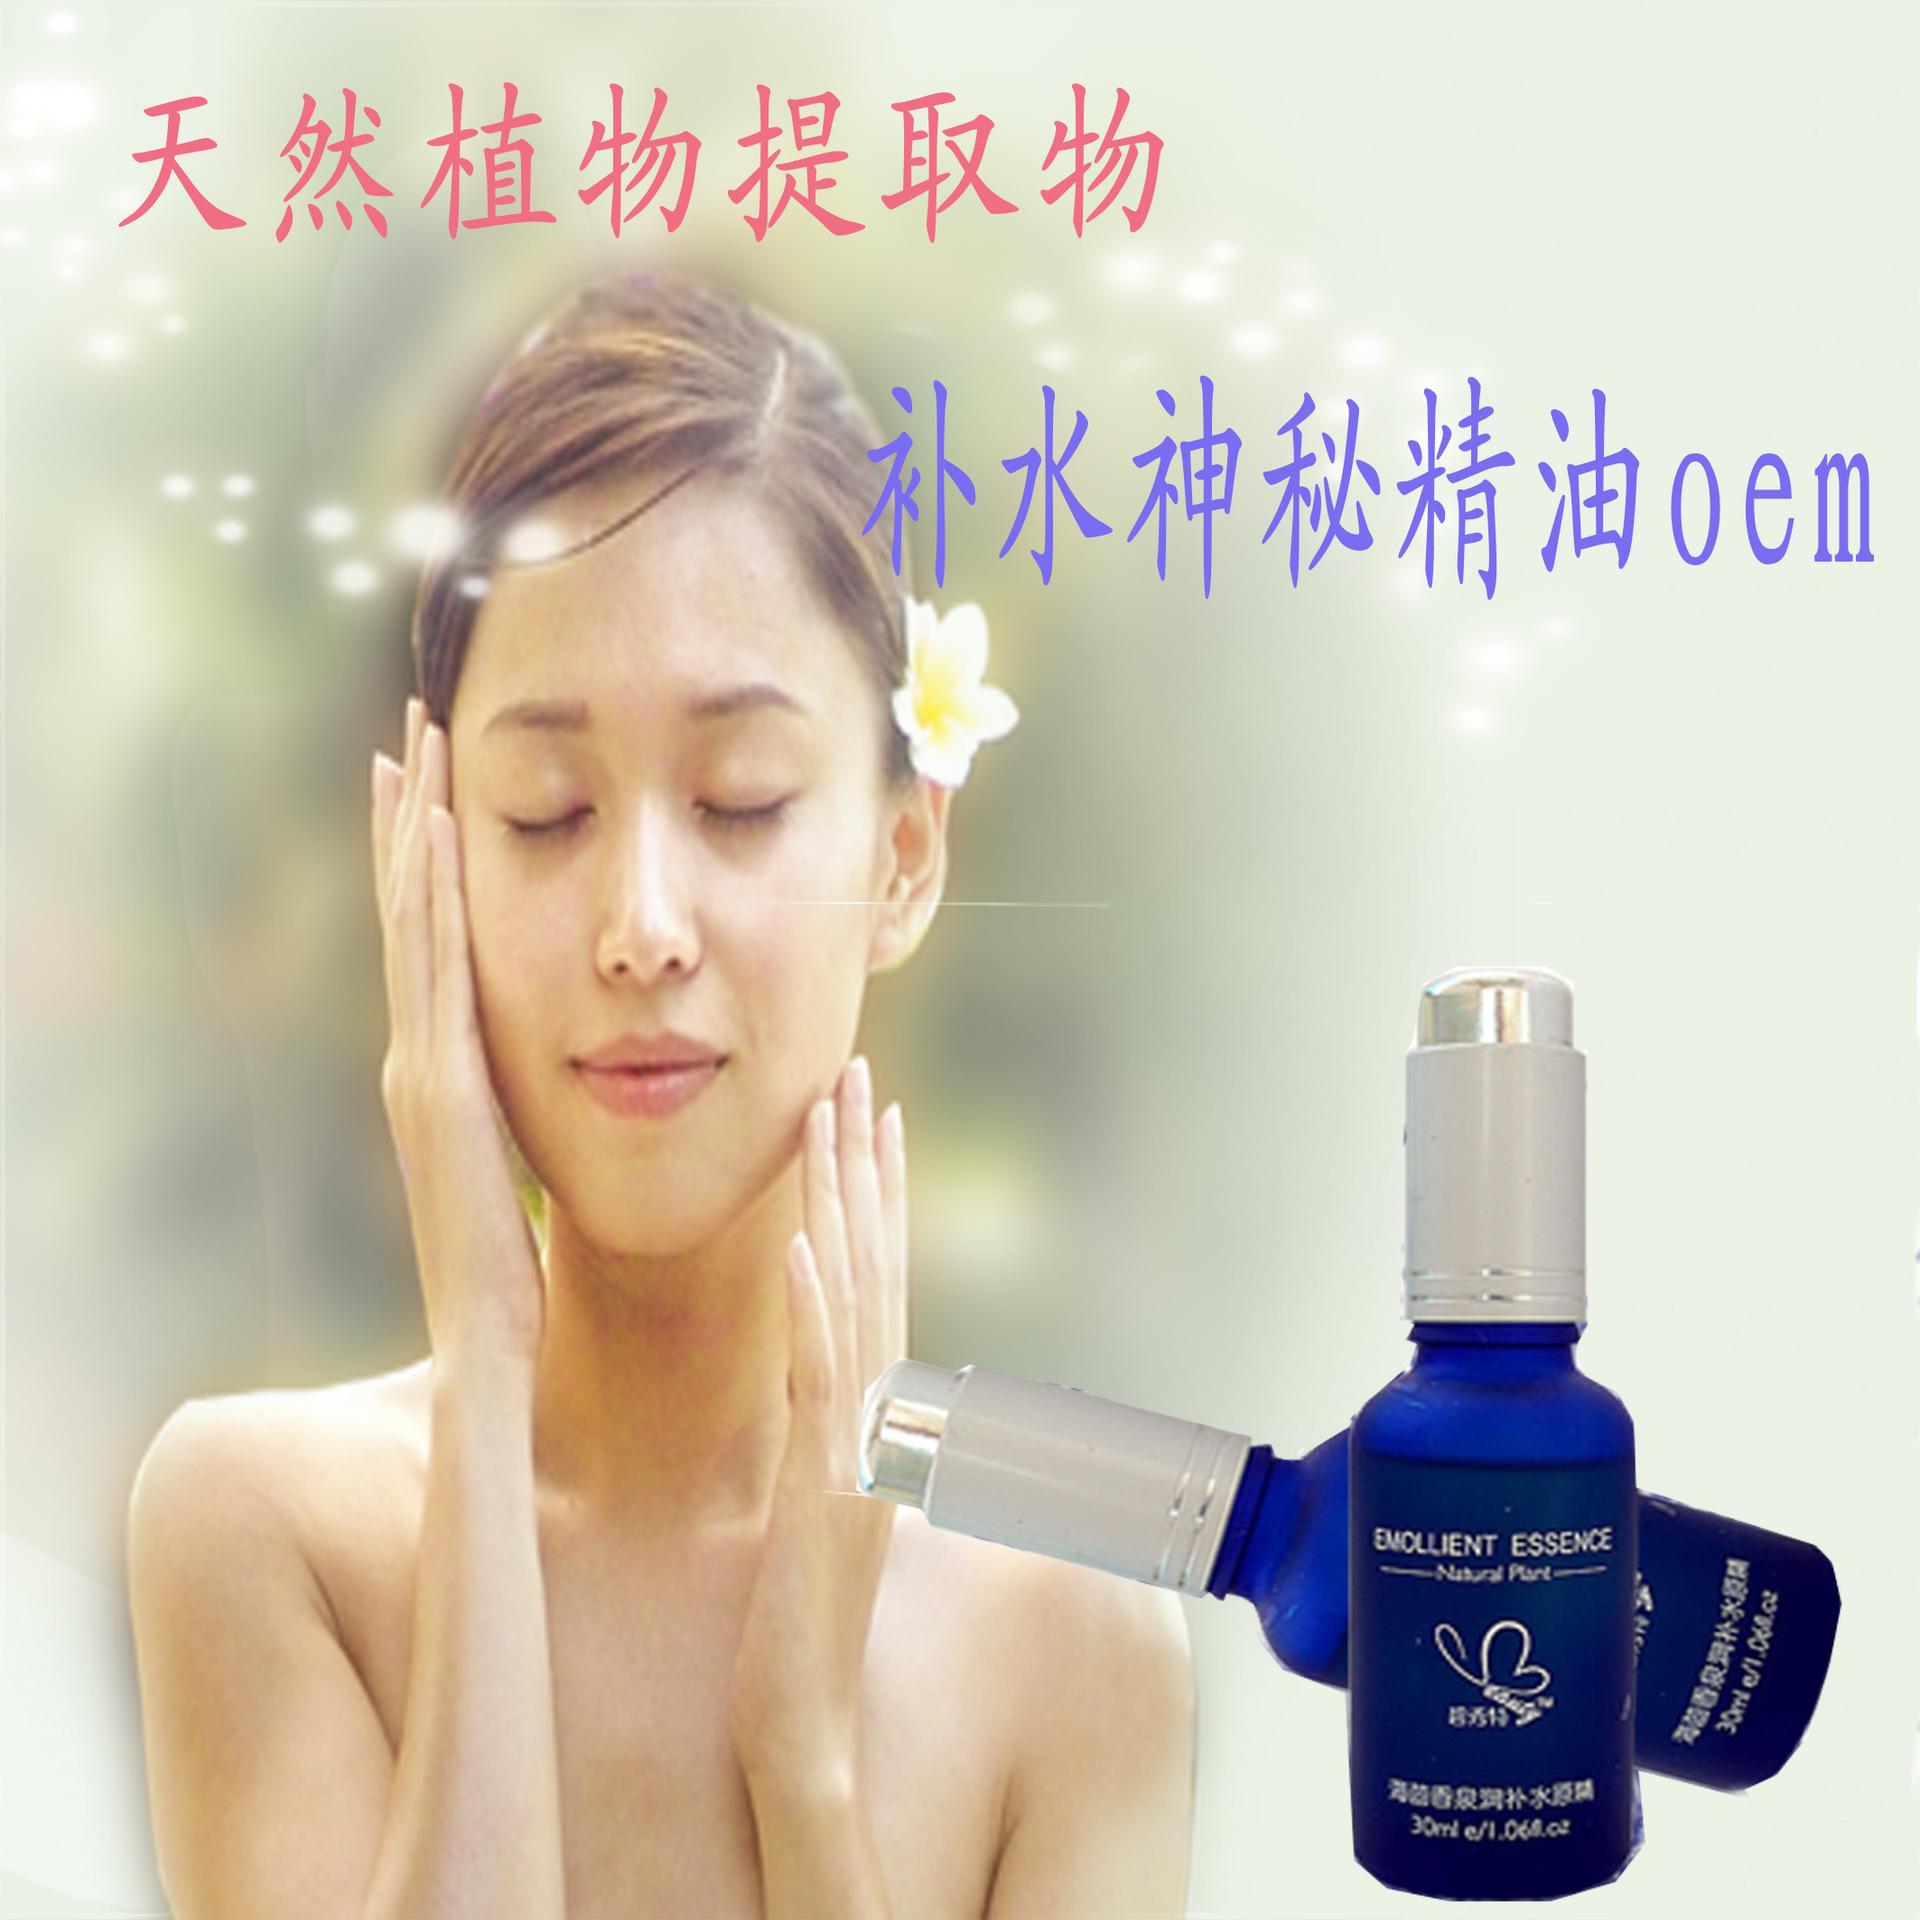 美白精油OEM 复方精油正品30ML 保湿补水美白精油 化妆品